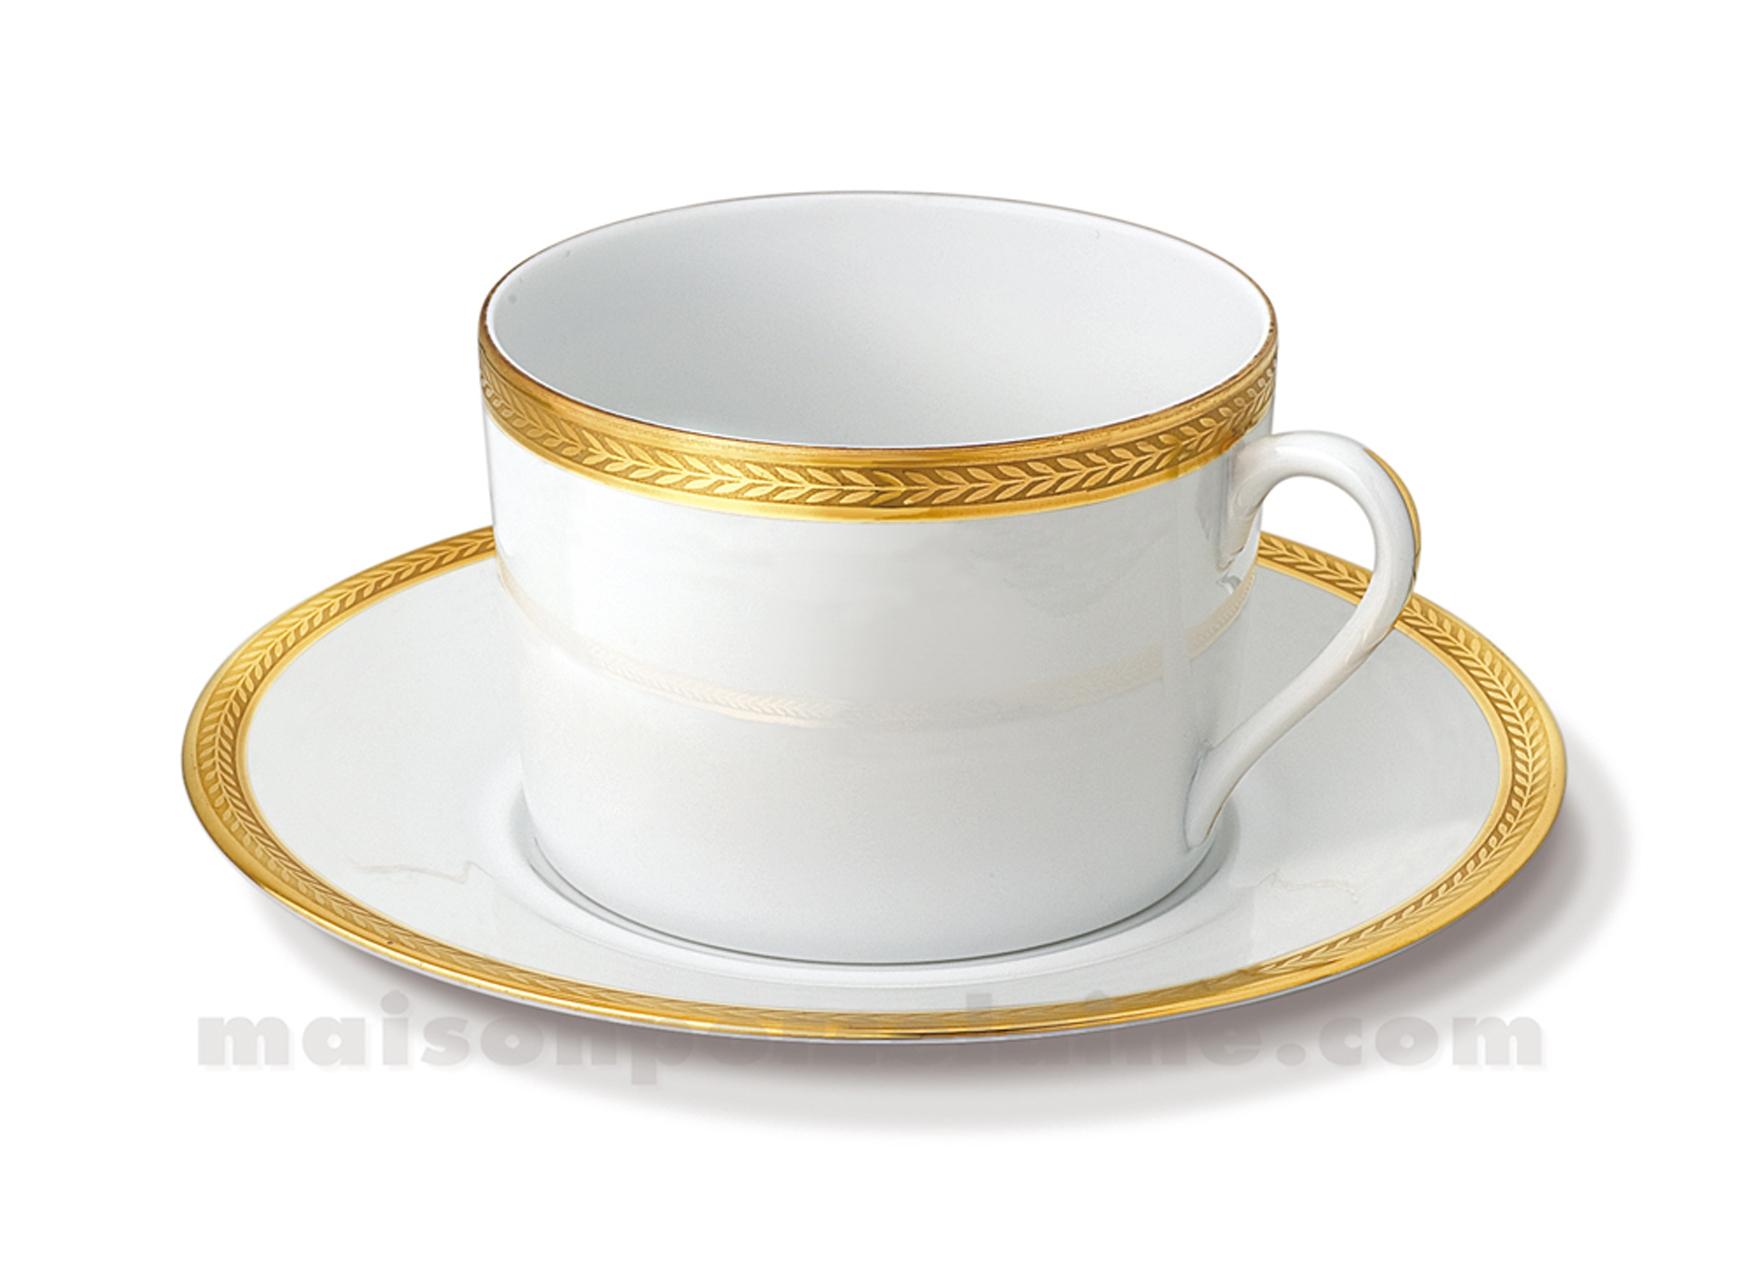 Tasse dejeuner soucoupe limoges empire 10x7x17 5 3 - Prix d un service de table en porcelaine de limoges ...